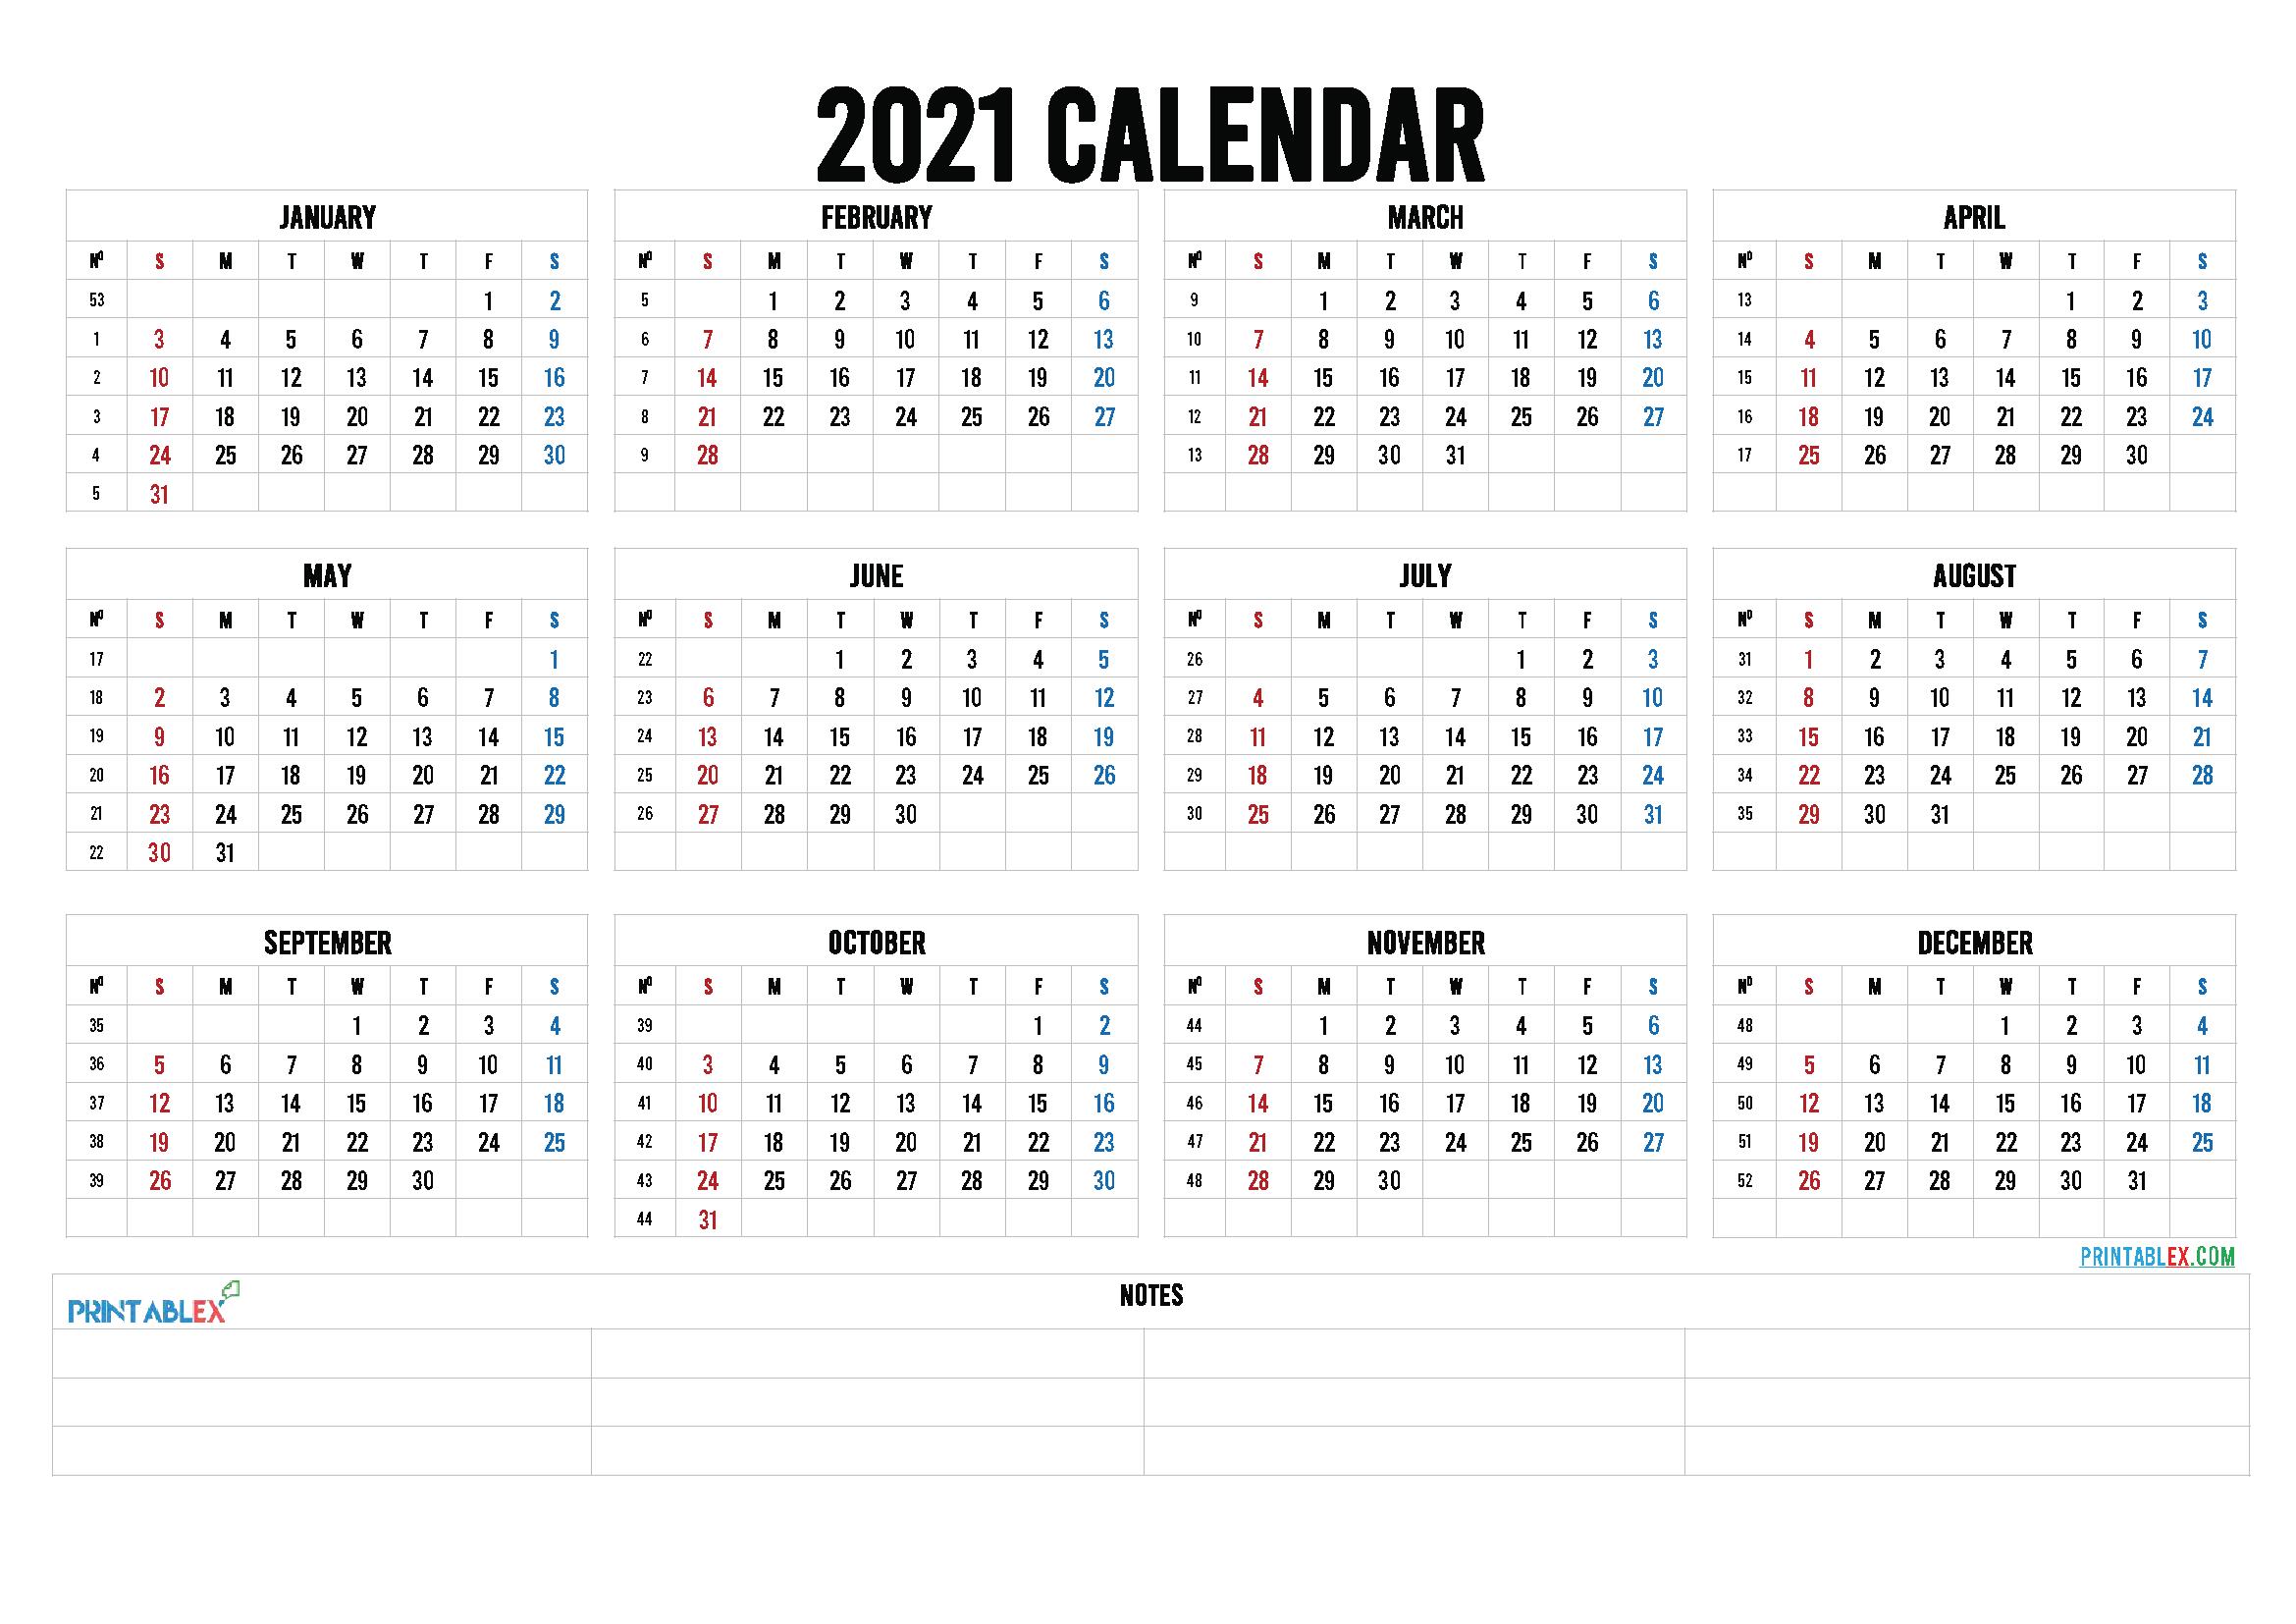 2021 Calendar With Week Number Printable Free : Free-Excel Calendar 2021 With Week Numbers